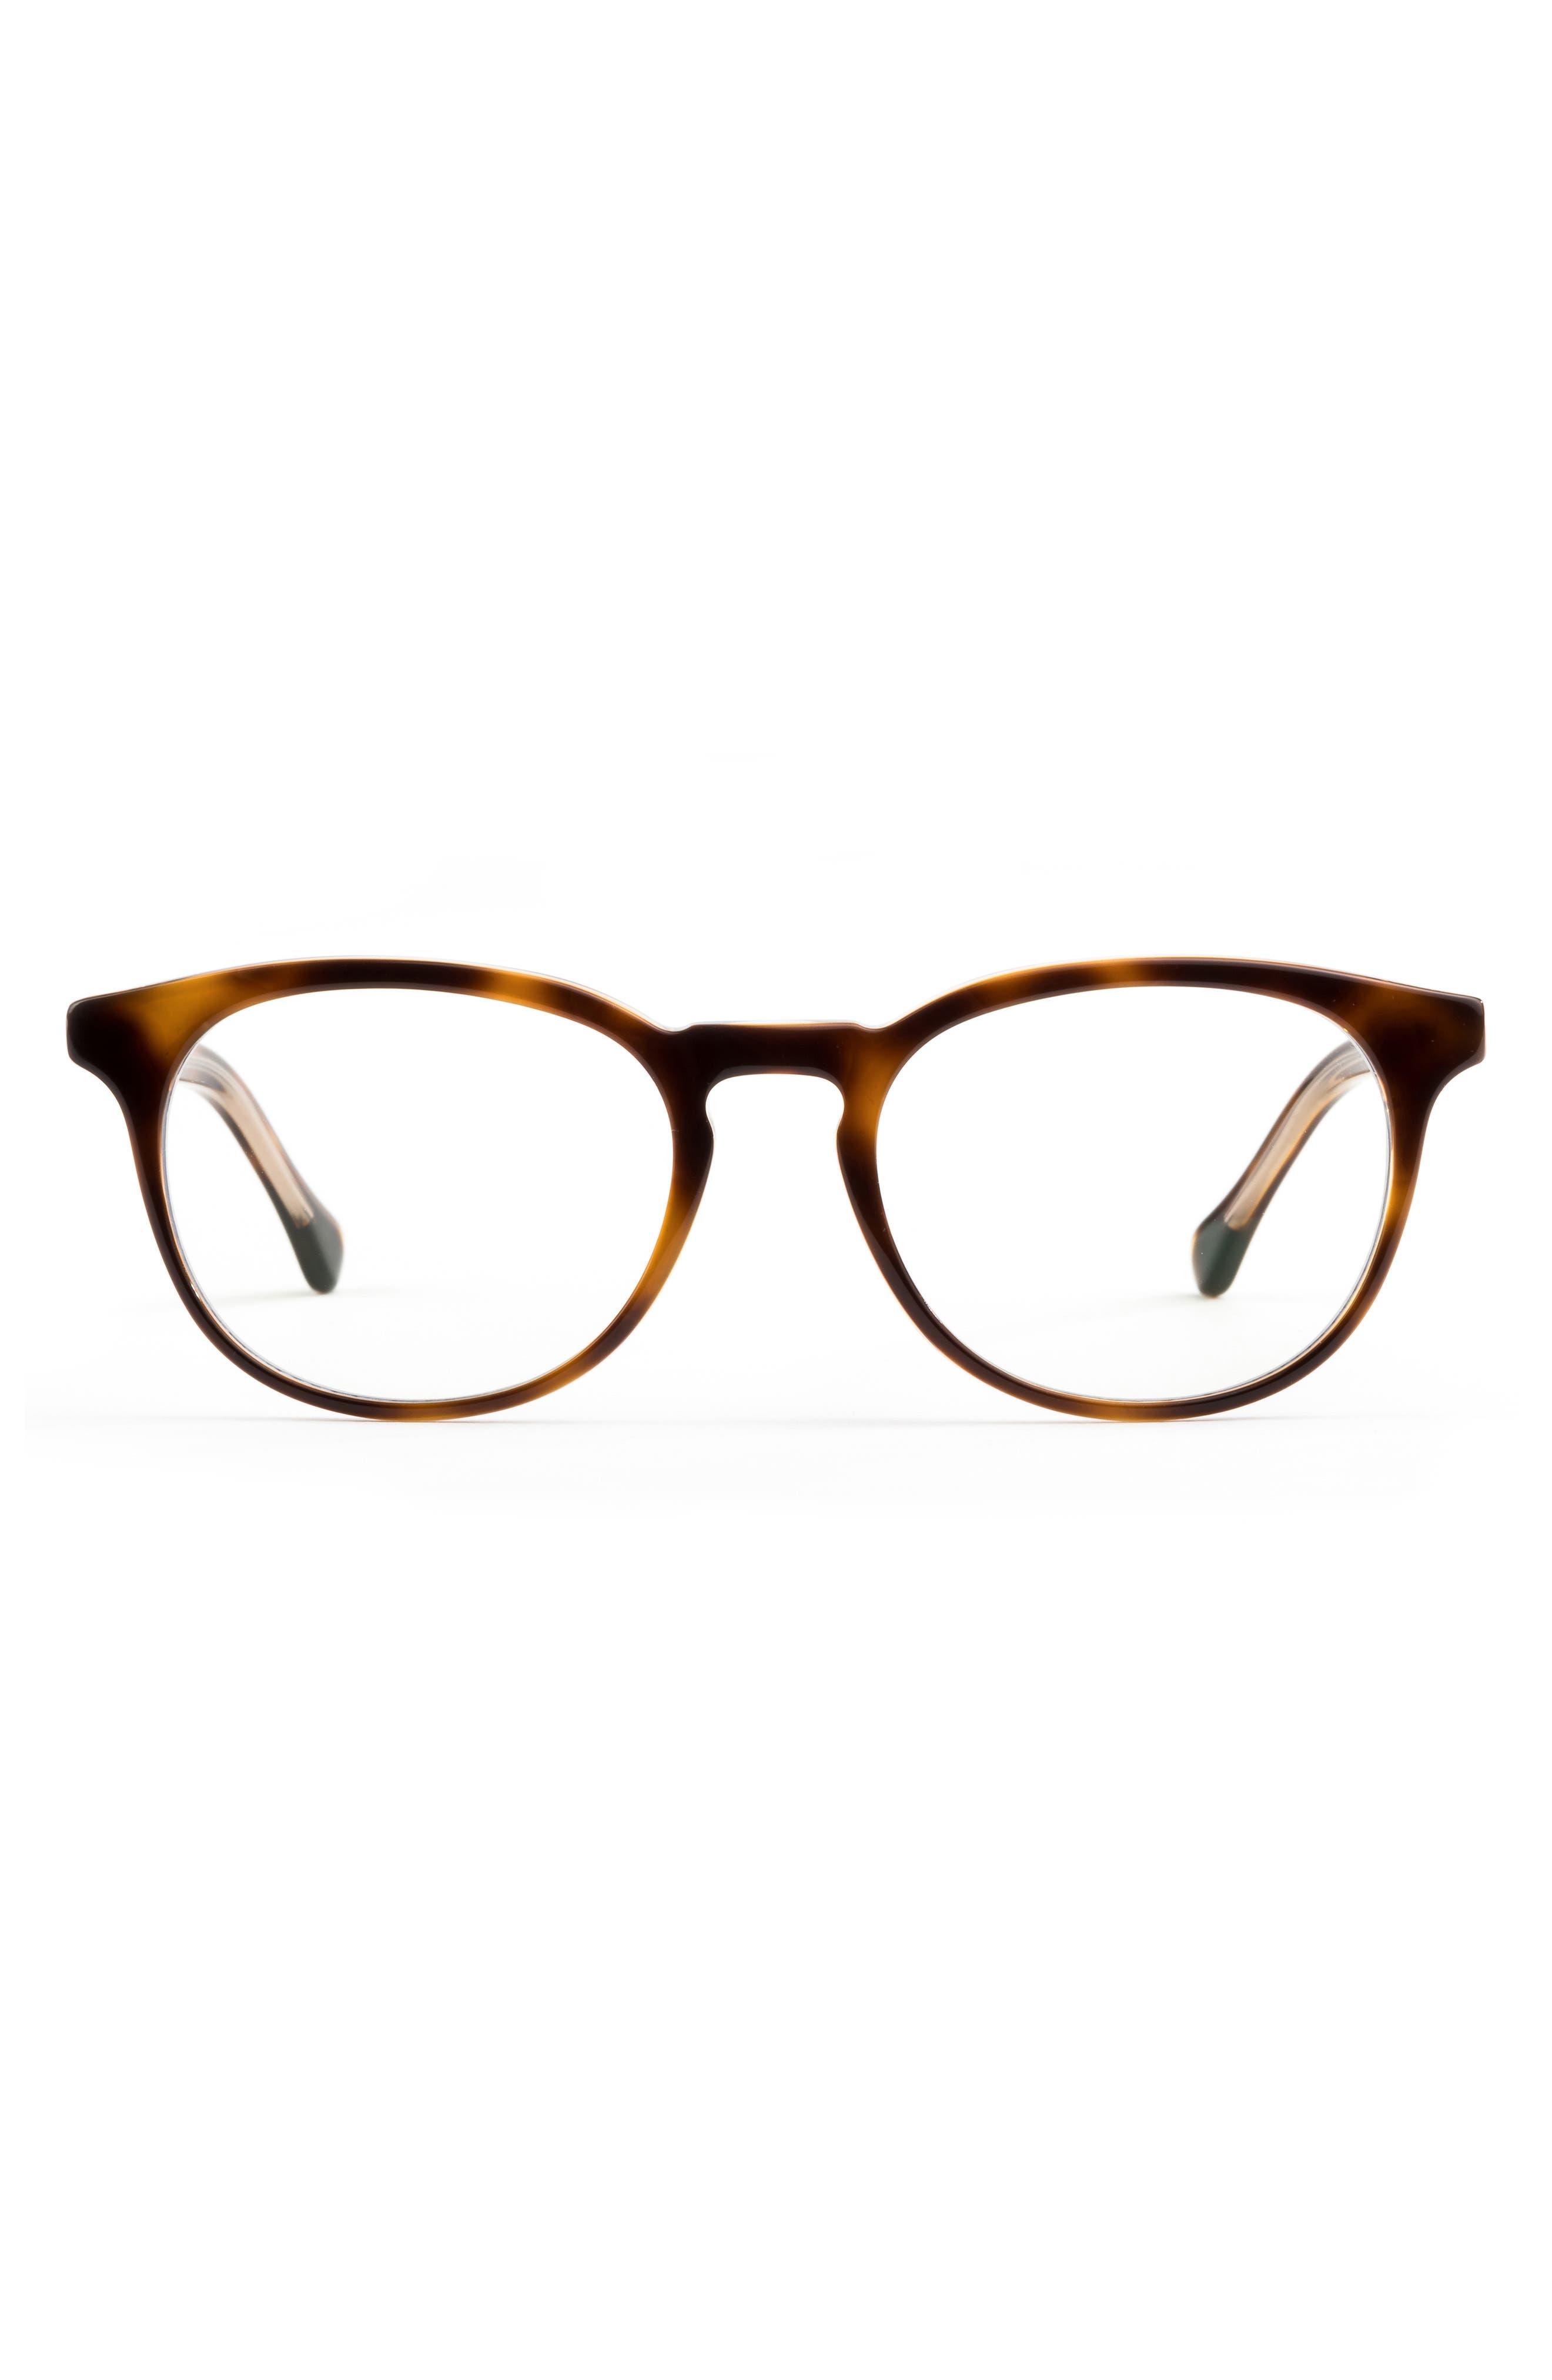 Roebling 49mm Round Blue Light Glasses